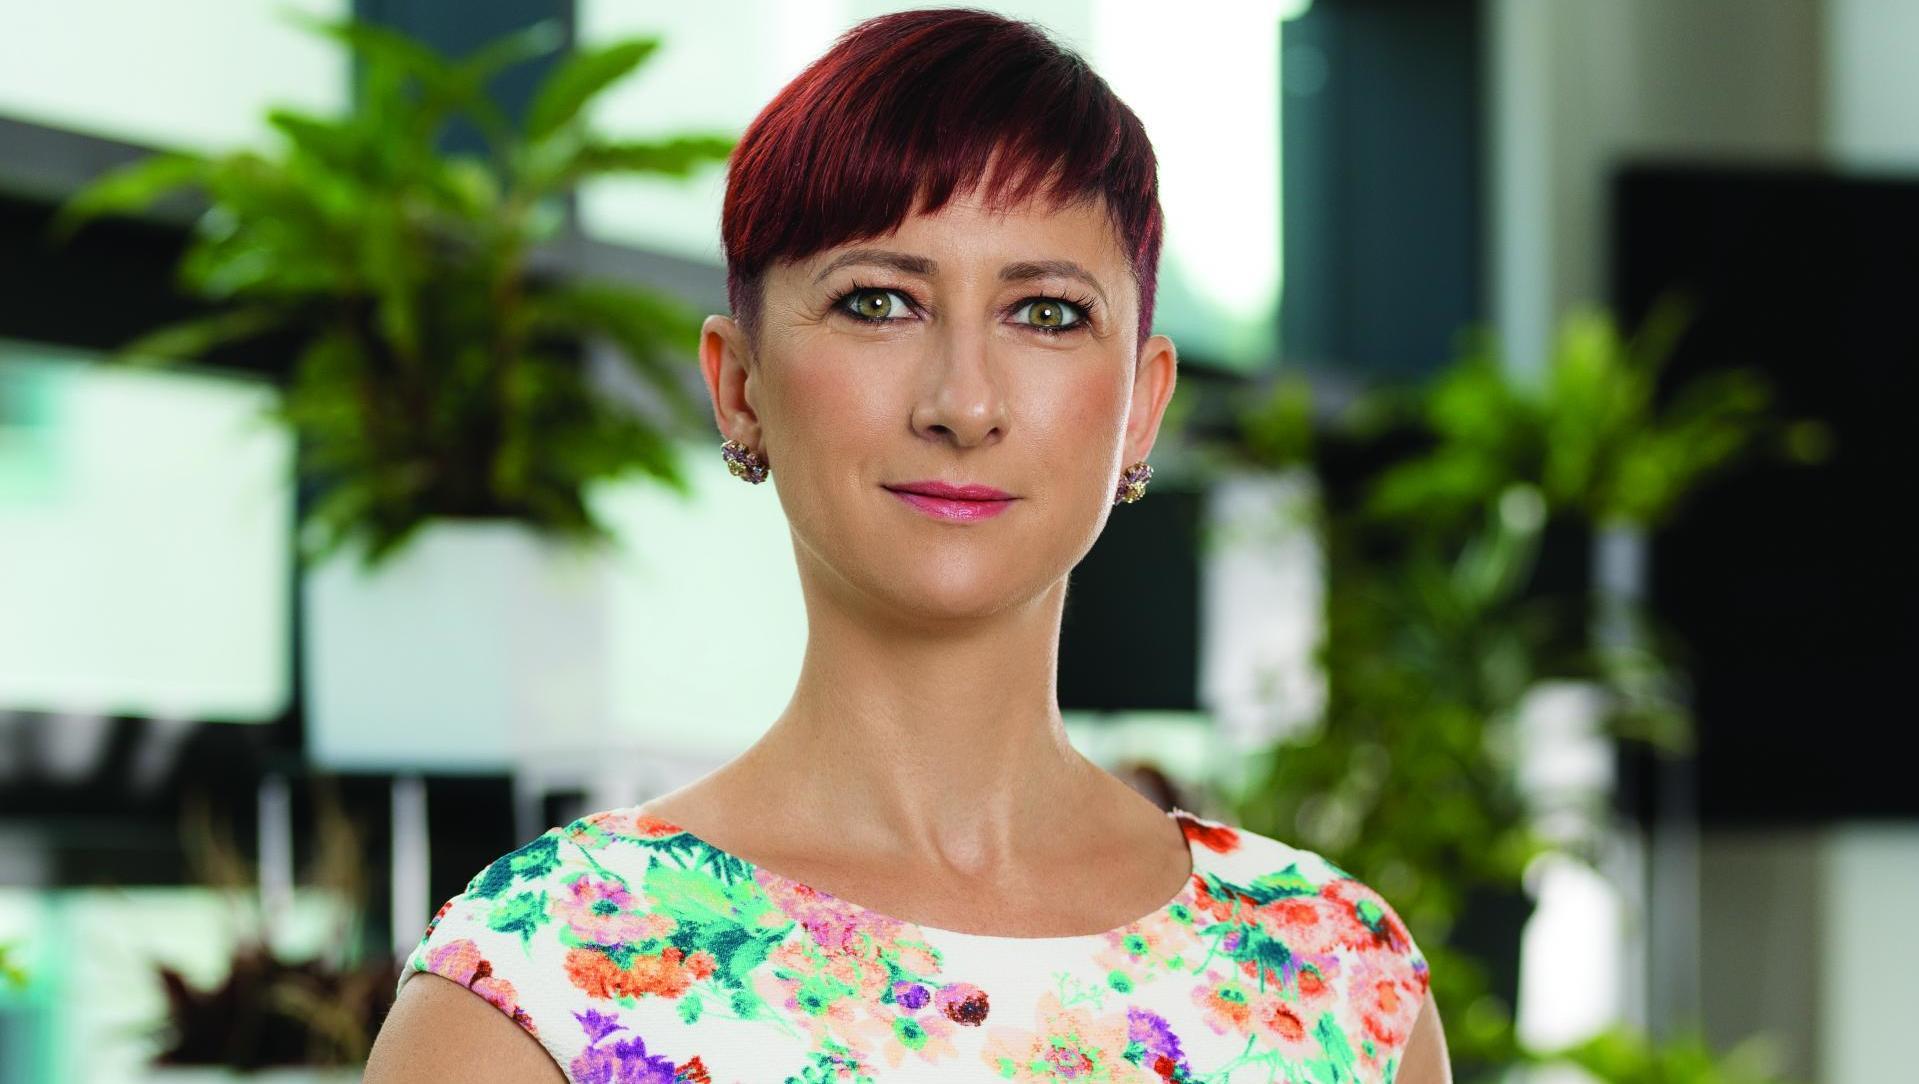 (Intervju) Ditka Maučec, Telemach: »Odnosi so najpomembnejša osnova za uspeh«